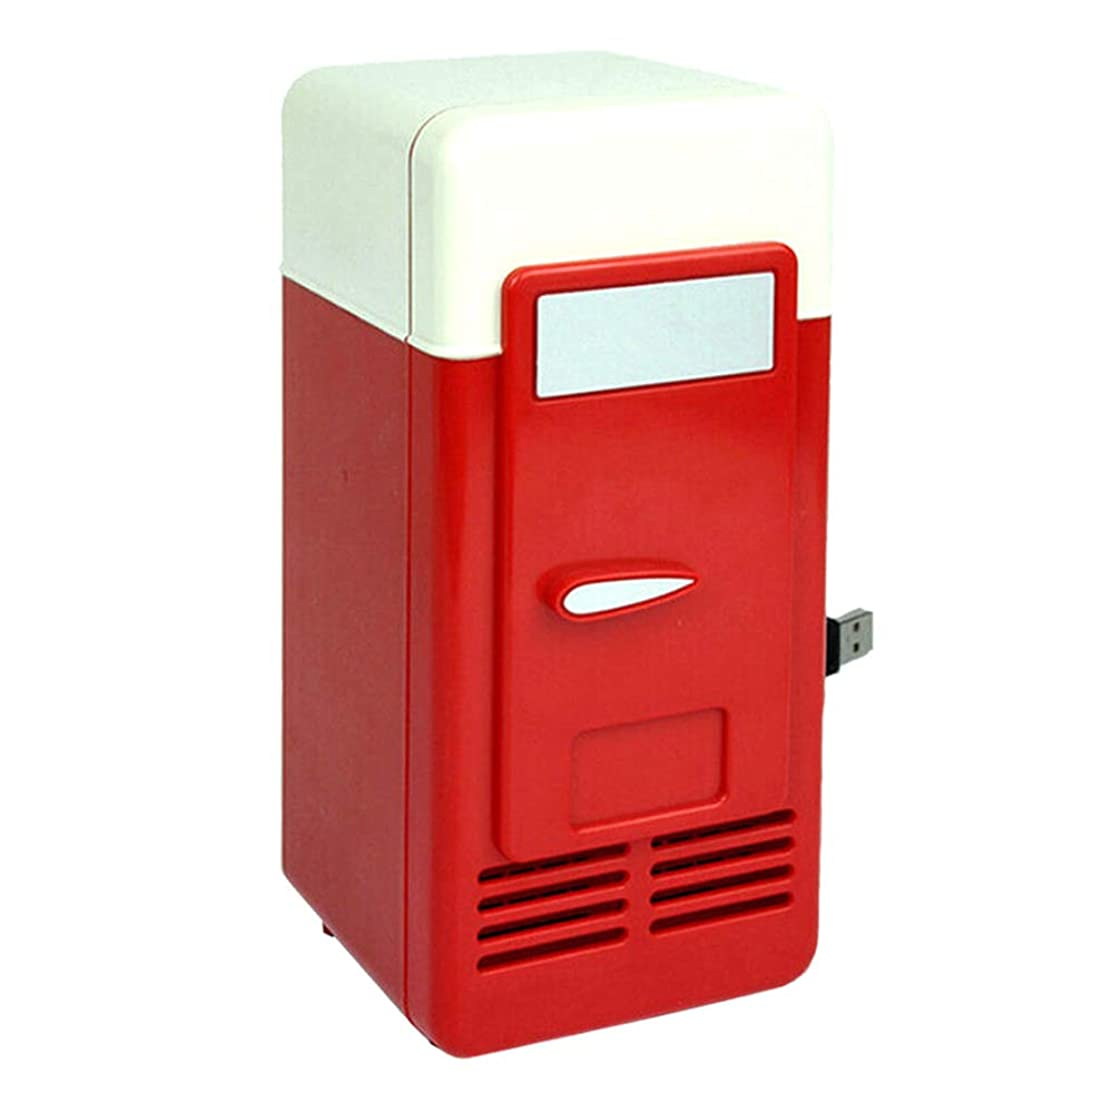 これらそれから売上高RETYLY USBミニ冷蔵庫コールドドロップドッピング冷凍庫USBミニ冷蔵庫小型ポータブルソーダミニ冷蔵庫 カー用レッド